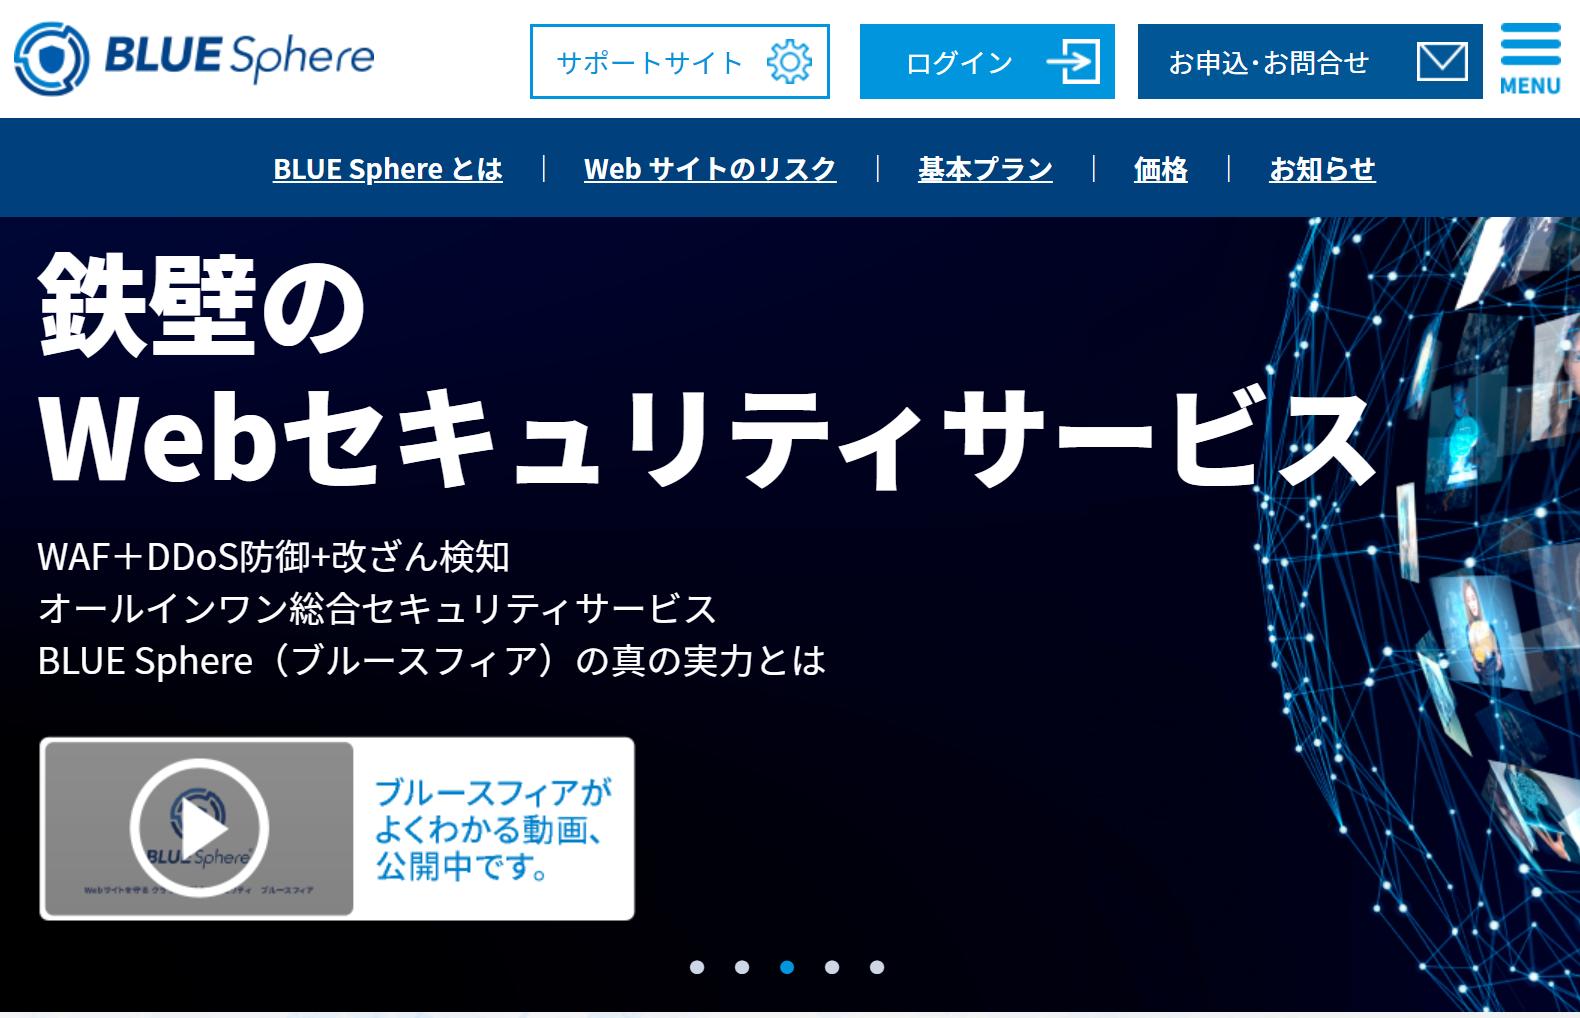 BLUE Sphere公式Webサイト